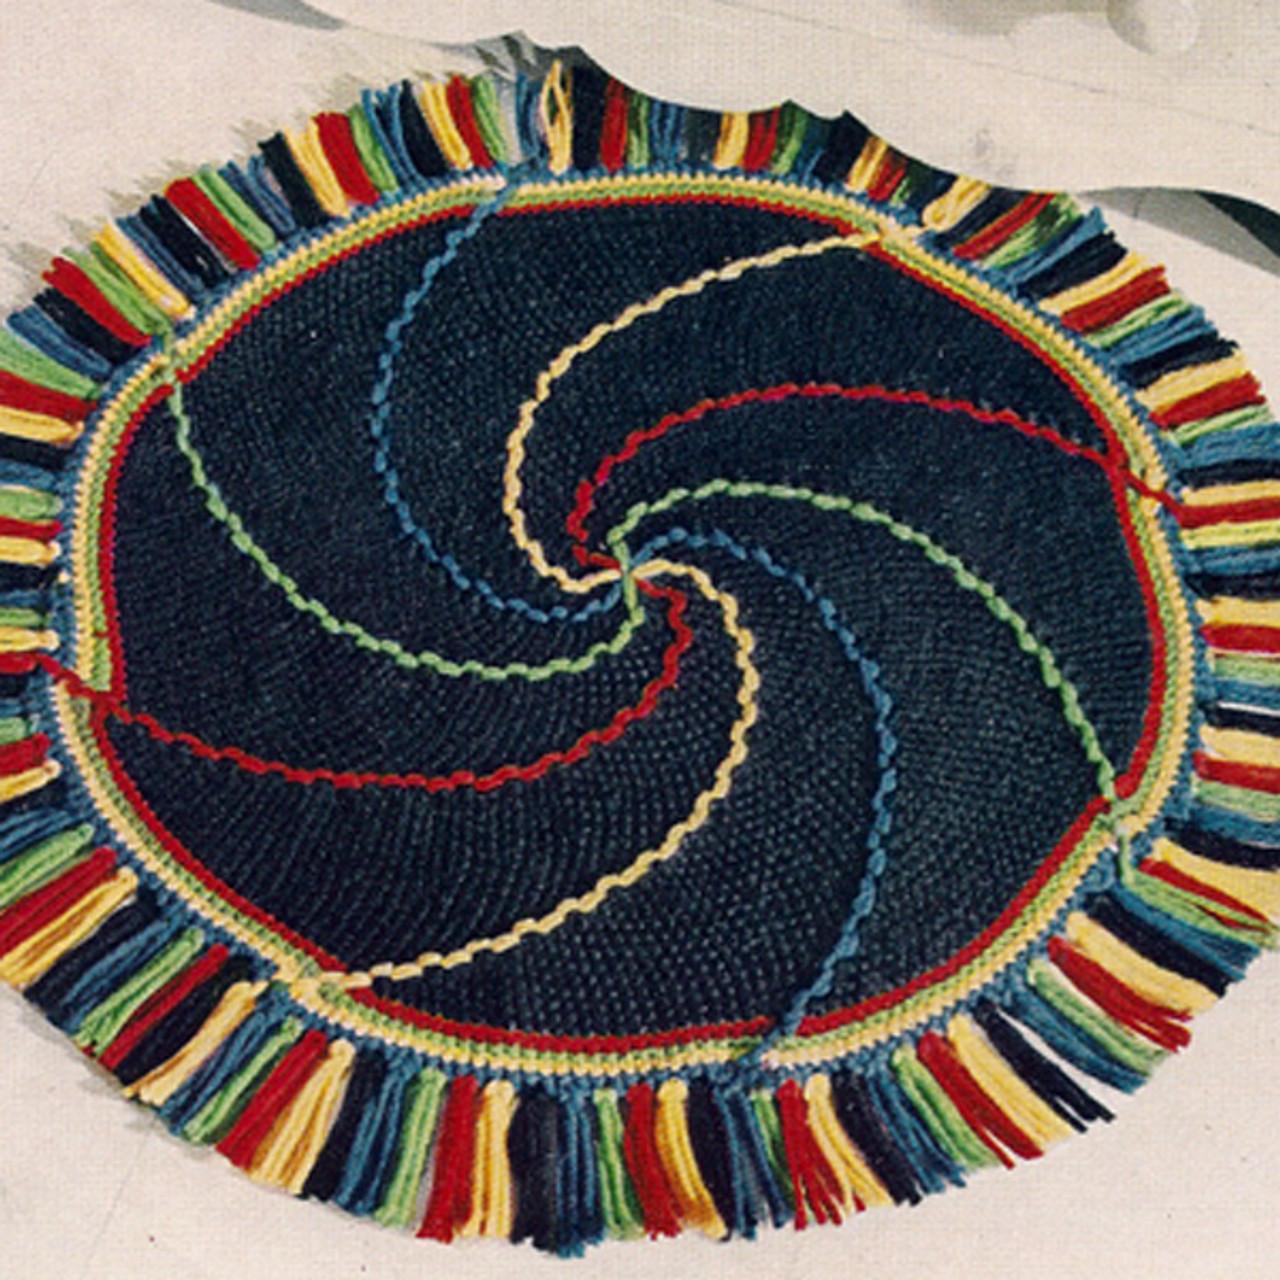 Crochet Round Rug Pattern in Pinwheel Motif